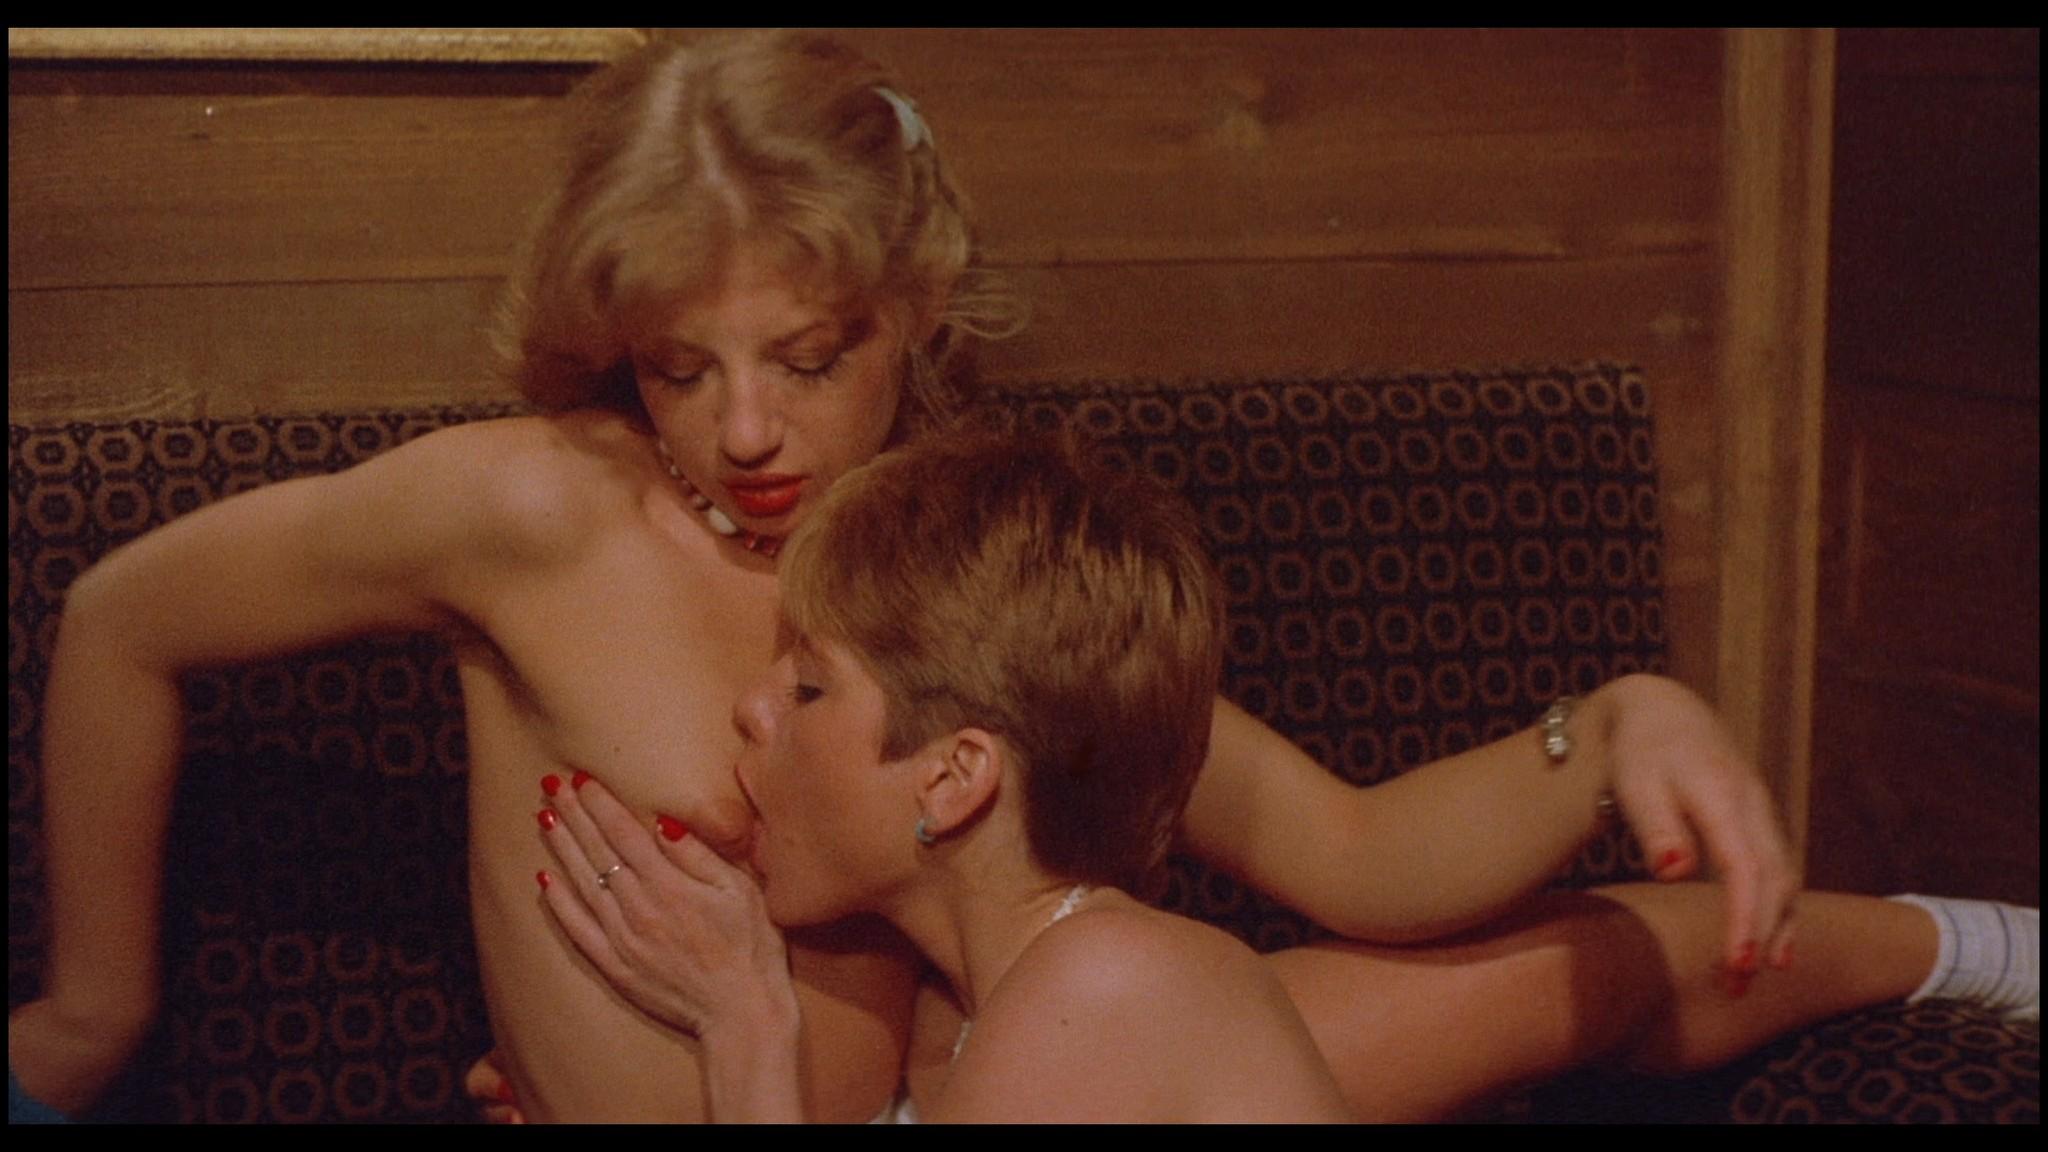 Marianne Aubert Michaela Larsen etc nude explicit sex Sechs Schwedinnen auf der Alm 1983 1080p BluRay 9